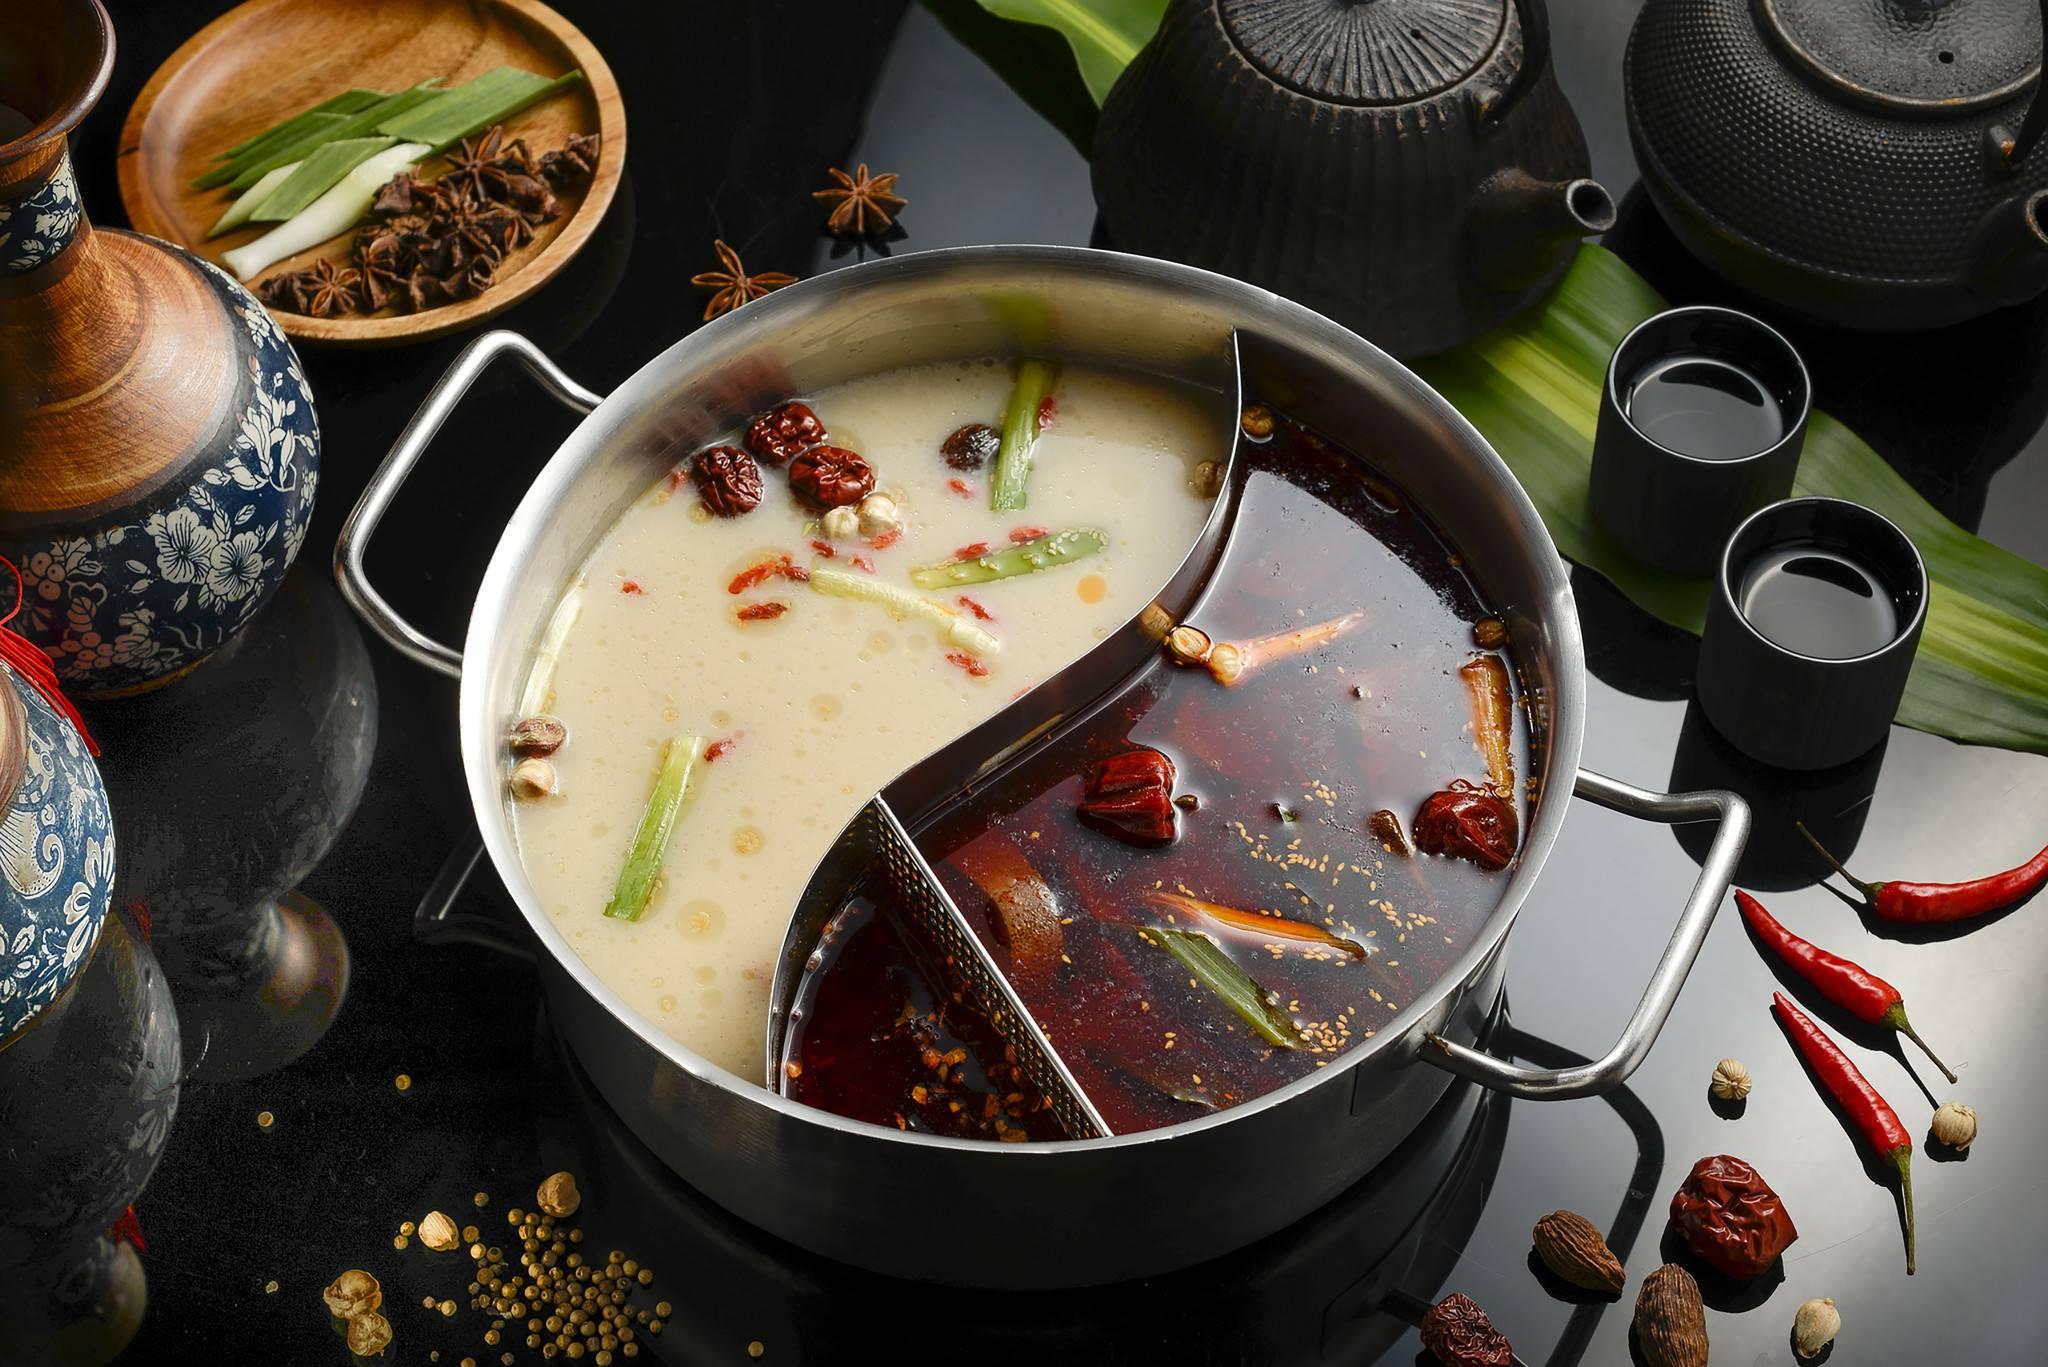 火锅,重庆,餐饮,美蛙鱼头